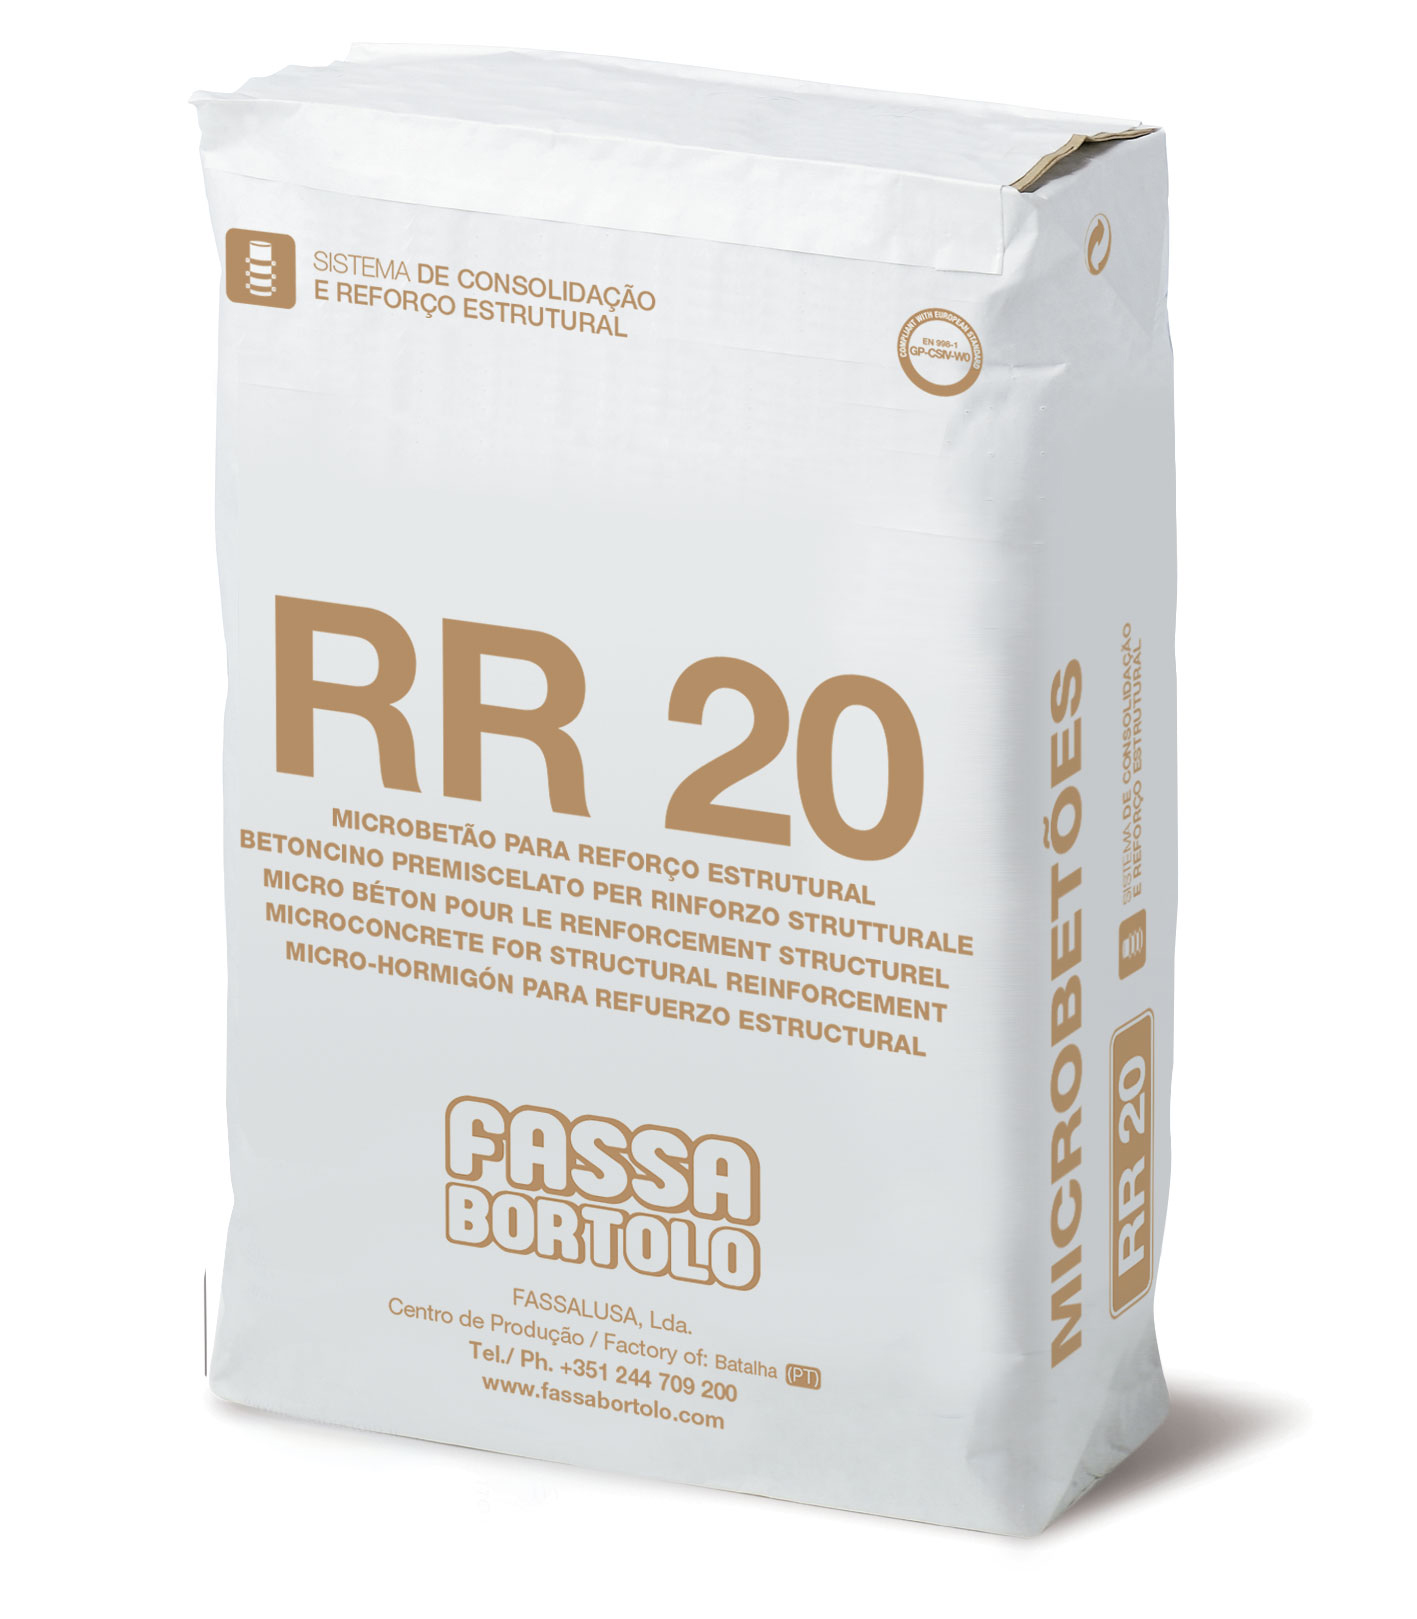 RR 20: Argamassa cimentícia fibro-reforçada para a consolidação de alvenarias antigas